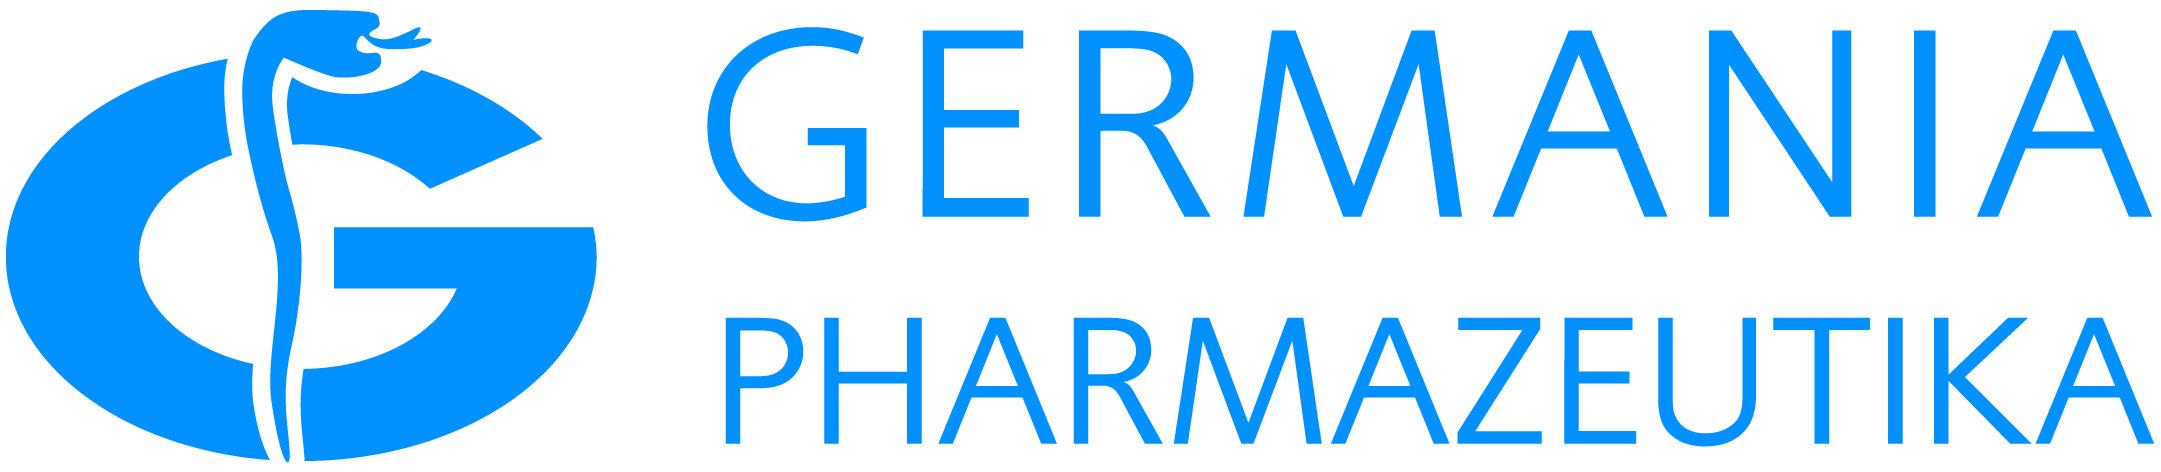 Germania Pharmazeutika GmbH